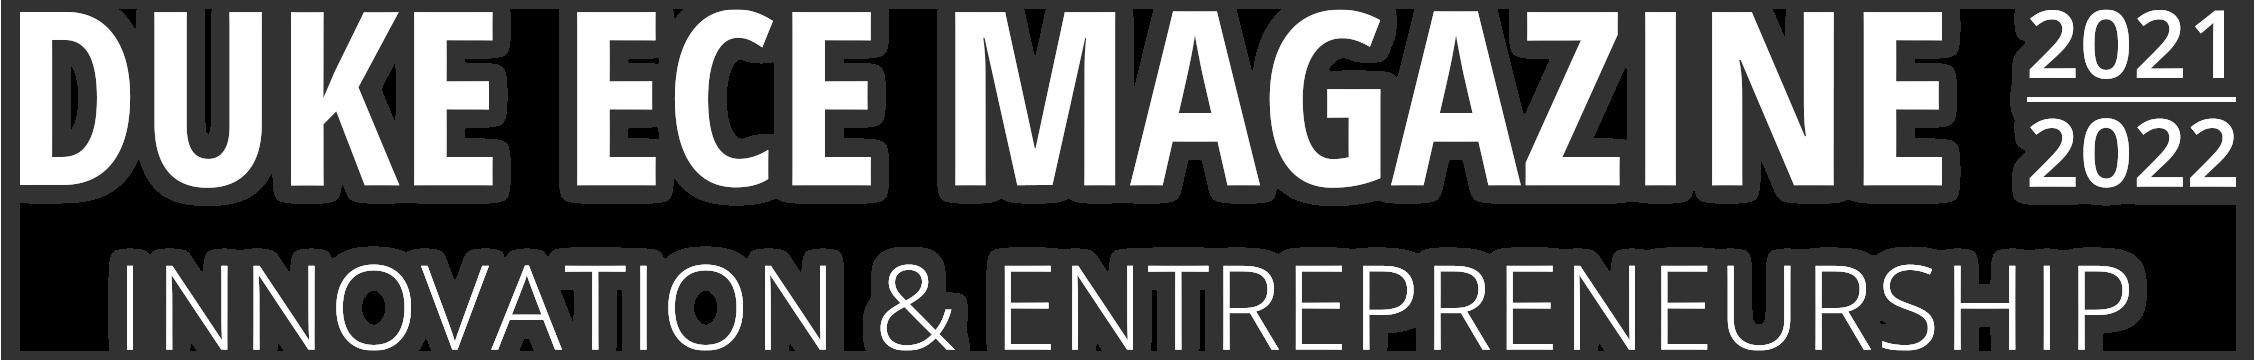 Duke ECE Magazine 2021-2022: Innovation & Entrepreneurship